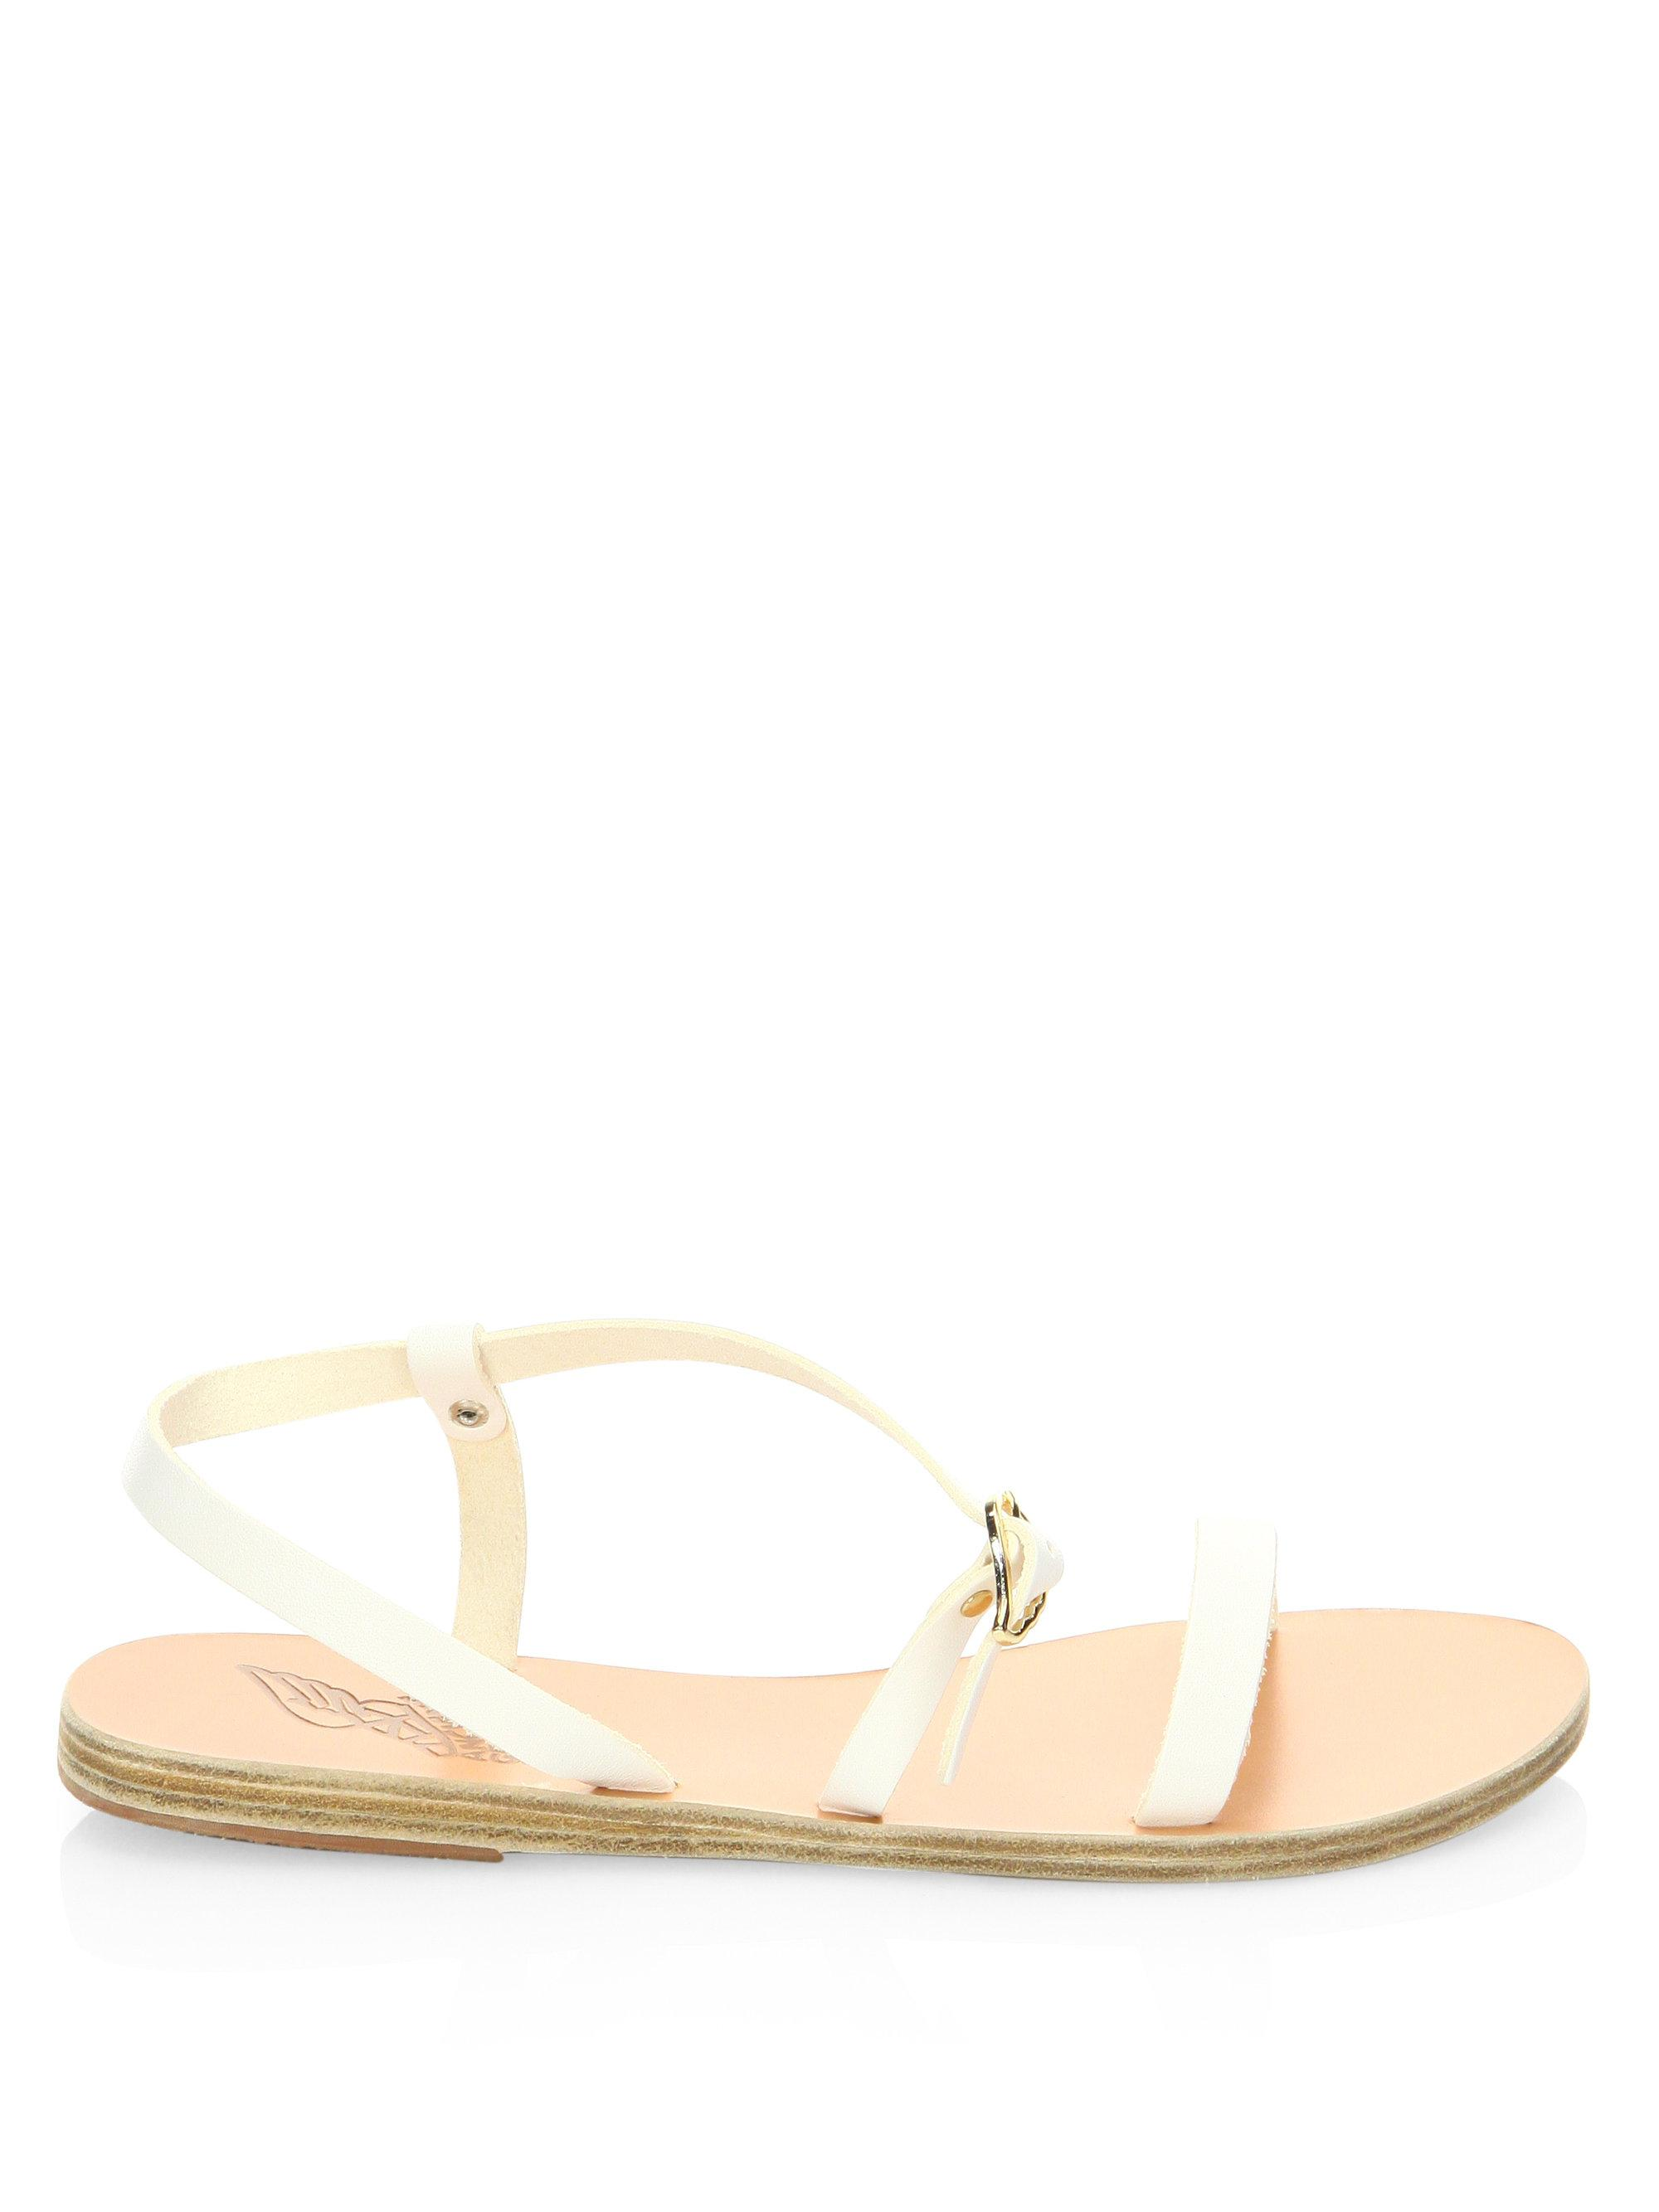 Las Fechas De Publicación De Descuento Comprar Barato En Línea Ancient Greek Sandals Sandali 'Niki' - Metallic farfetch beige 5z8egba9